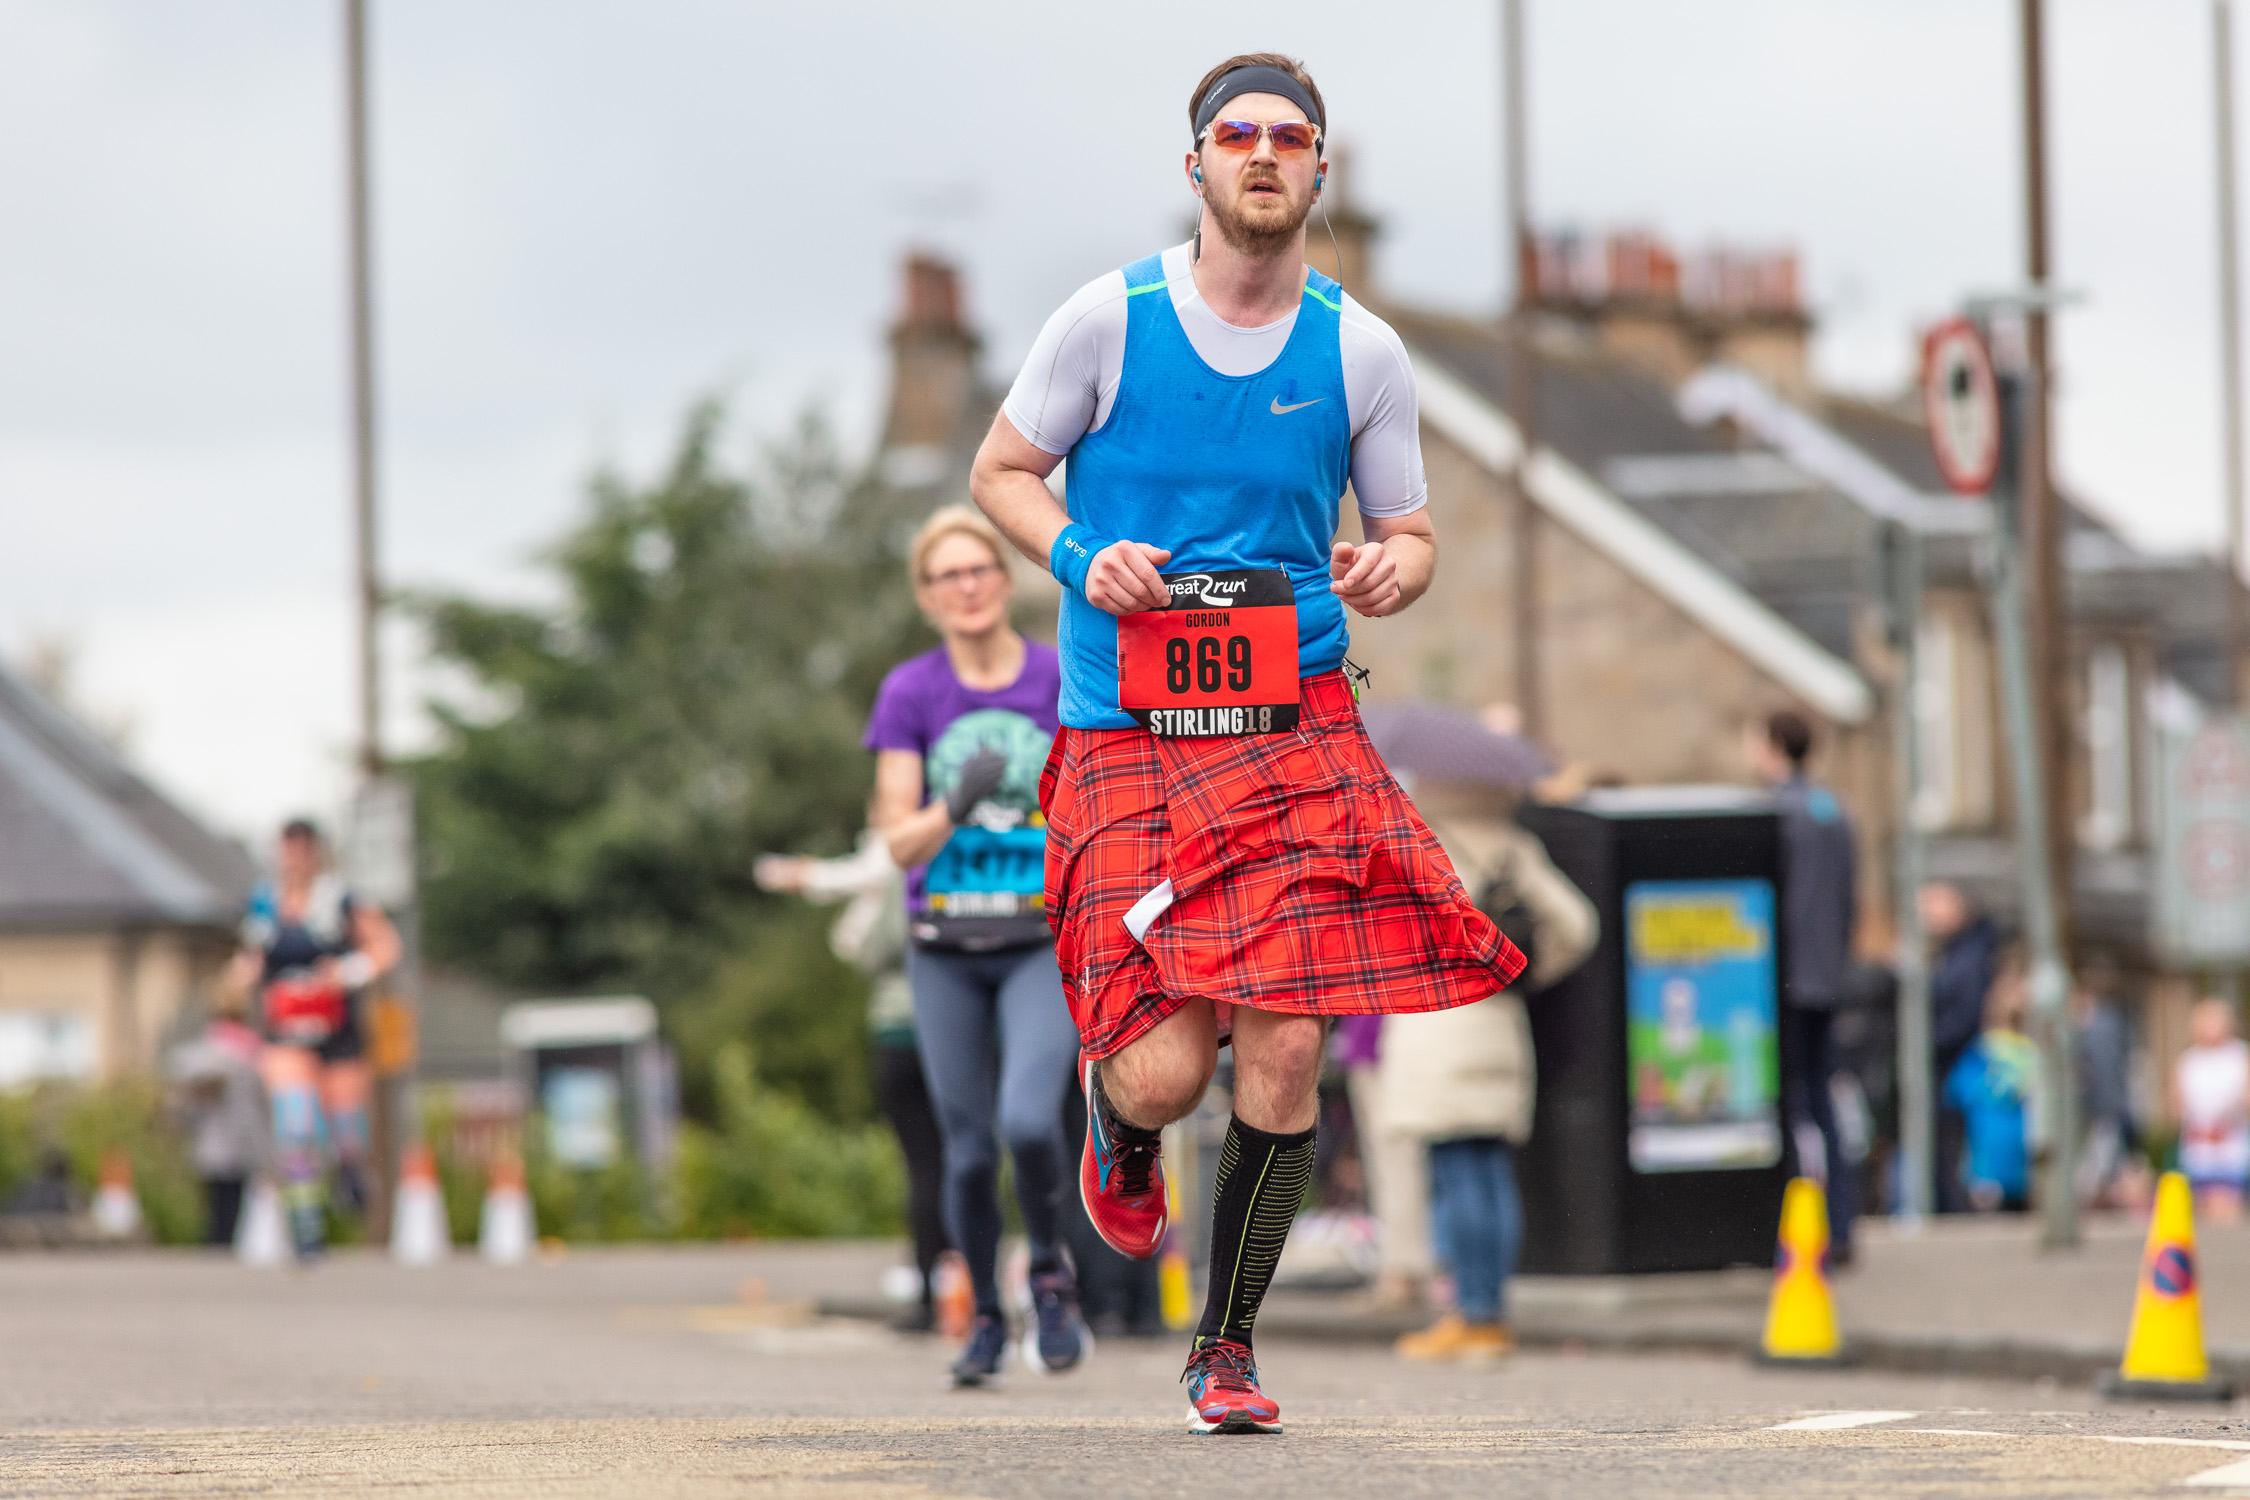 stirling marathon.jpg